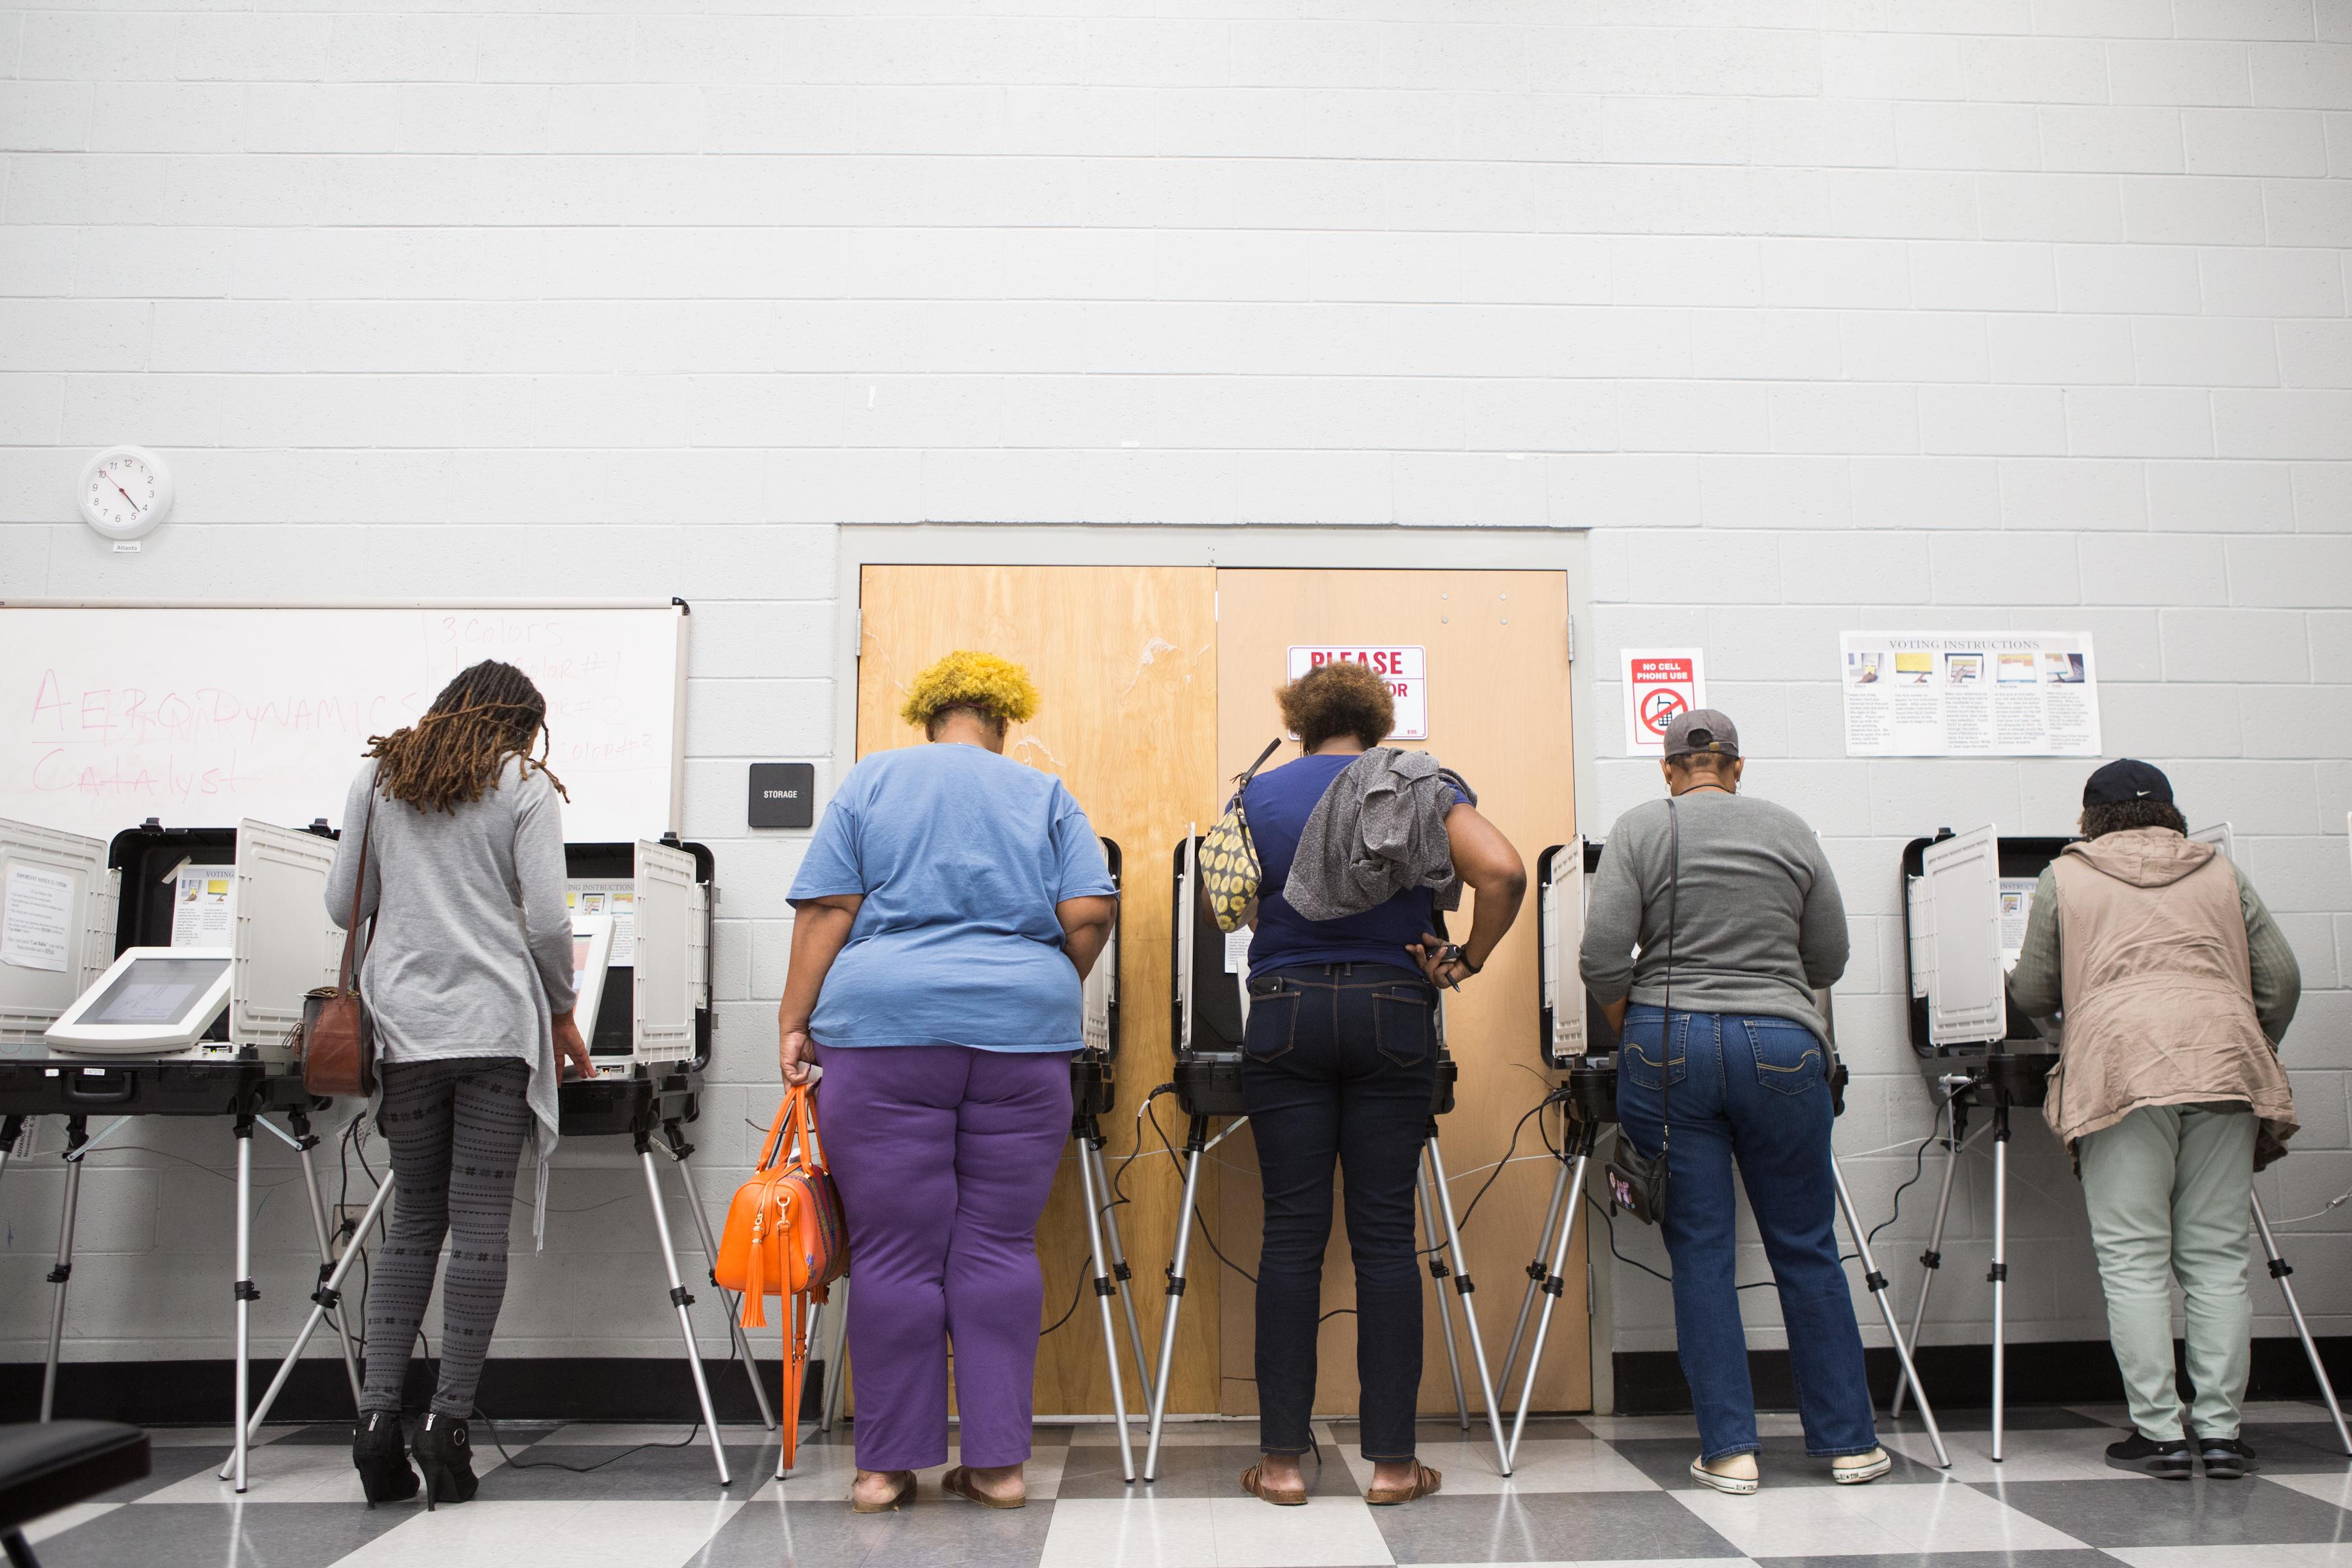 佐治亞州在美國歷史上一向被視為紅州,但於這次中期選舉變為搖擺州,顯示民主黨在南方的陽光帶州勢力增長。圖為佐治亞州選民為參議院競選投票。一輪緊張的點票過後,民主黨Stacey Abrams在三天前最終認輸。